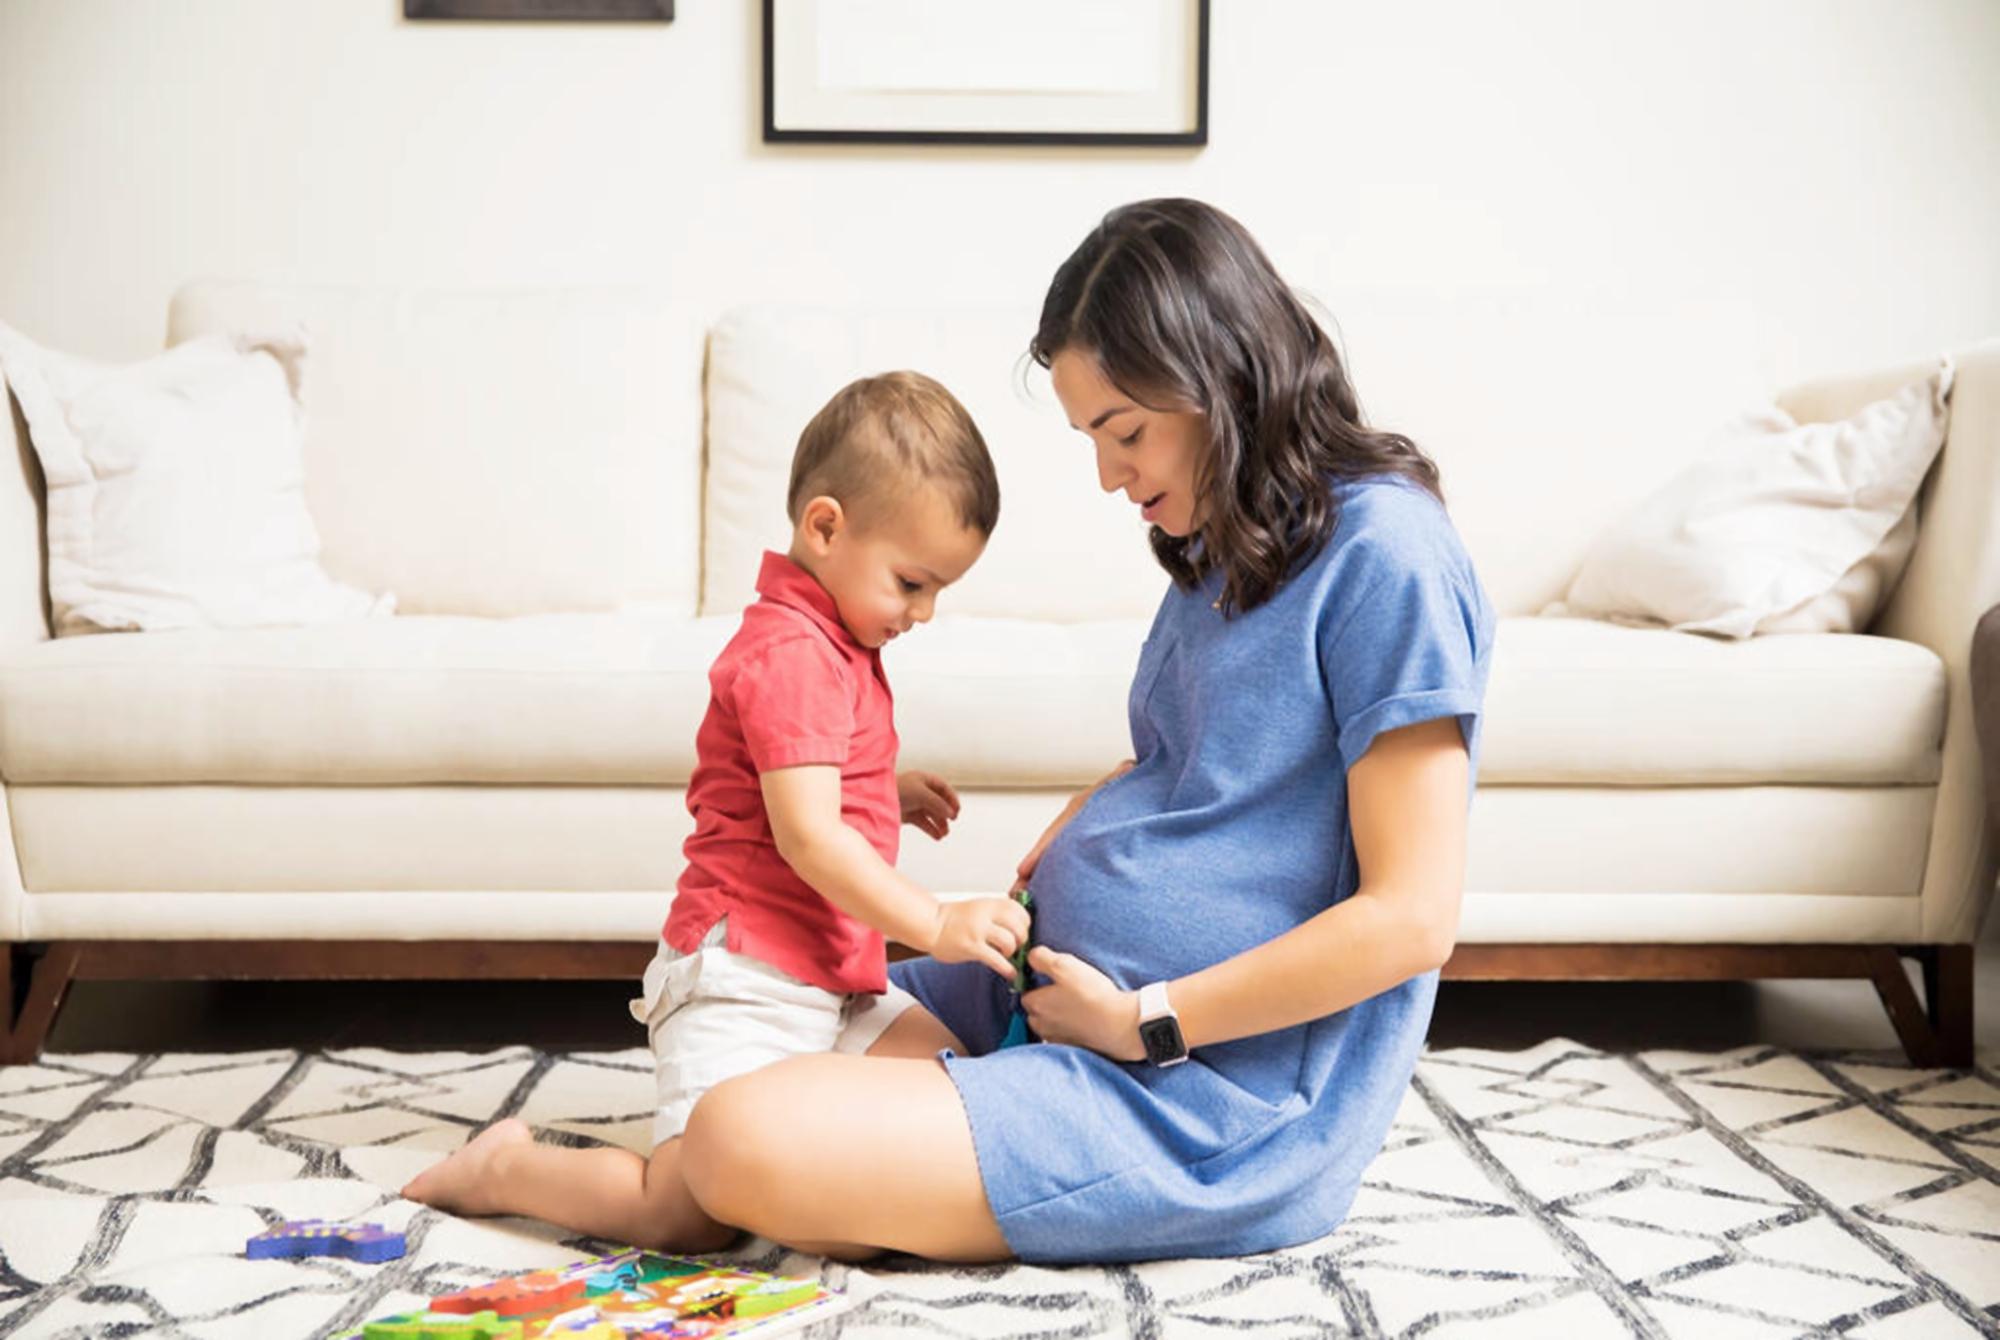 孕妈在家能有什么事儿?别大意,孕期居家安全指导6疑问怀孕必知